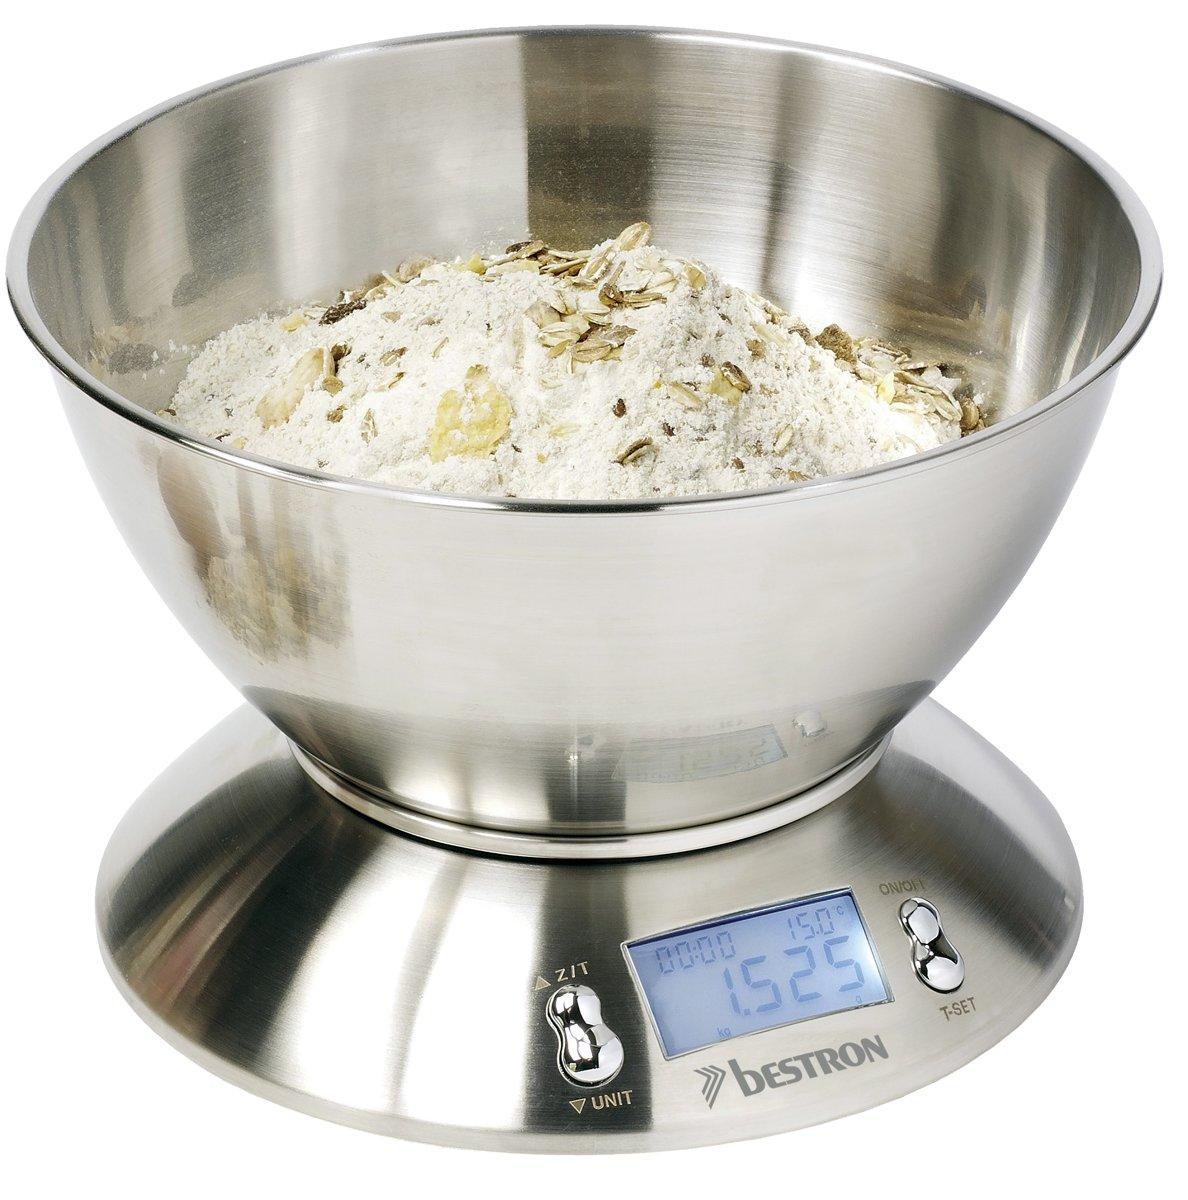 Bestron Keukenweegschaal DEK4150